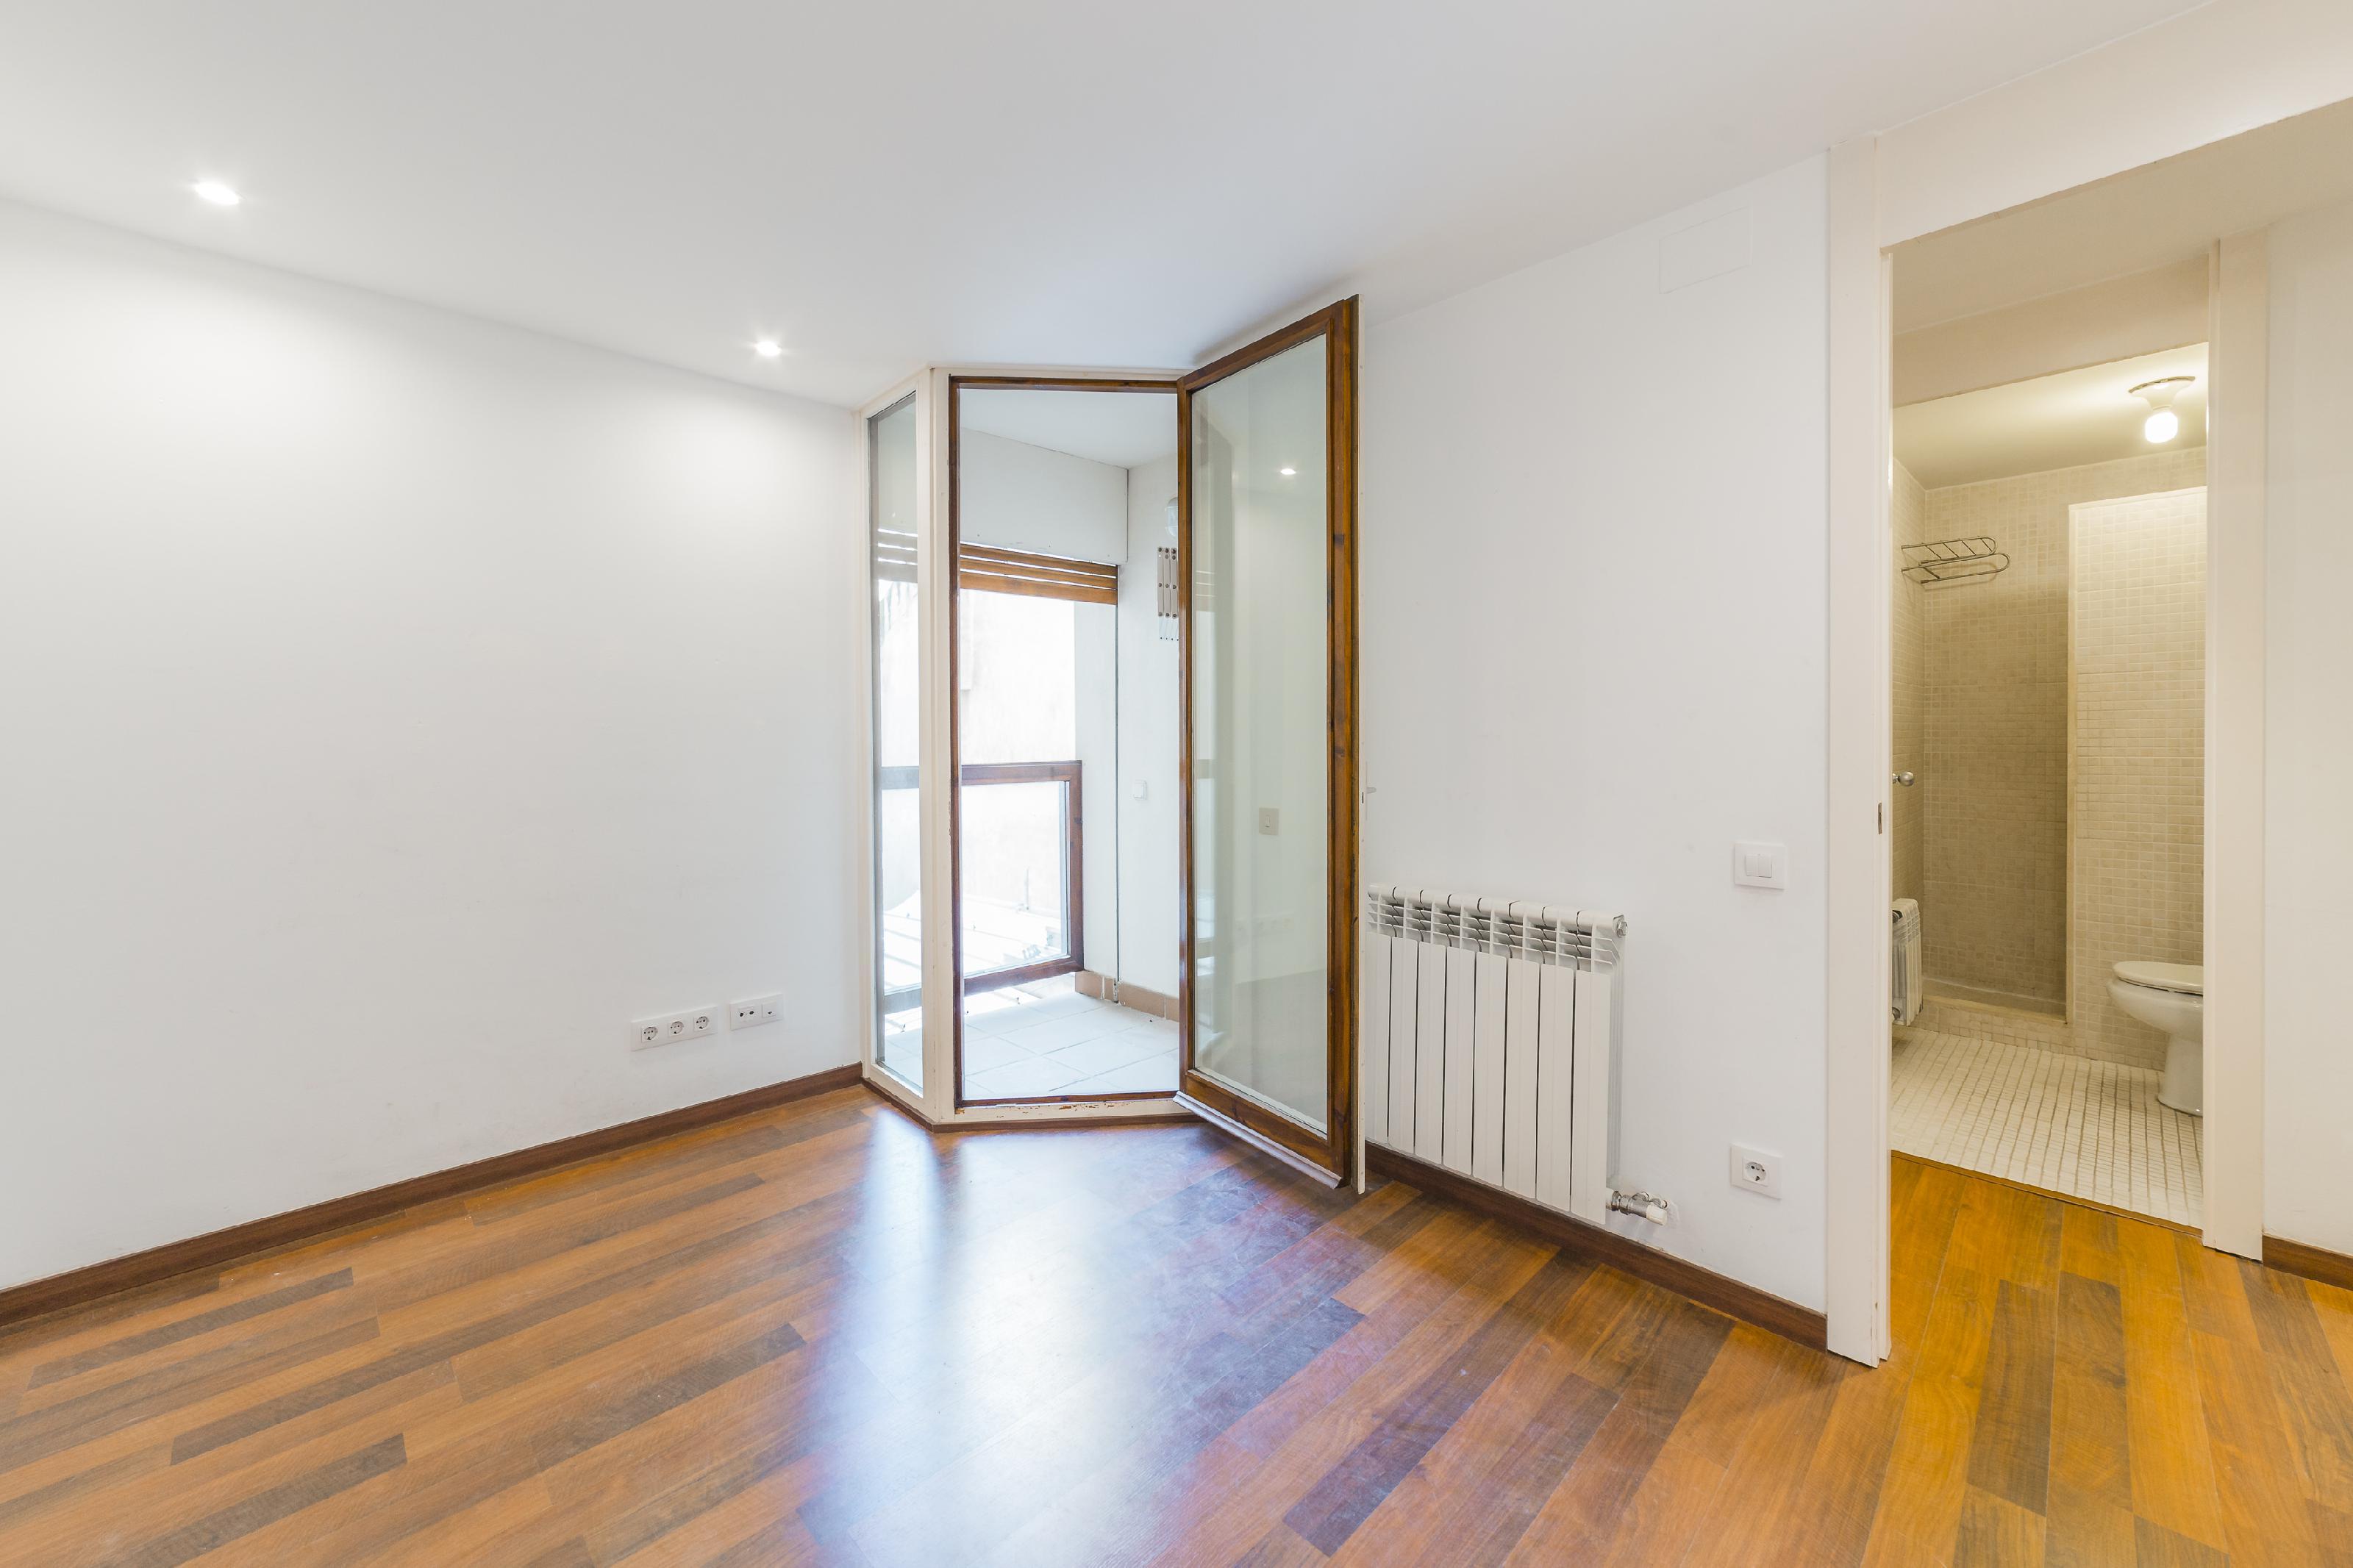 250718 Flat for sale in Sarrià-Sant Gervasi, Sarrià 4